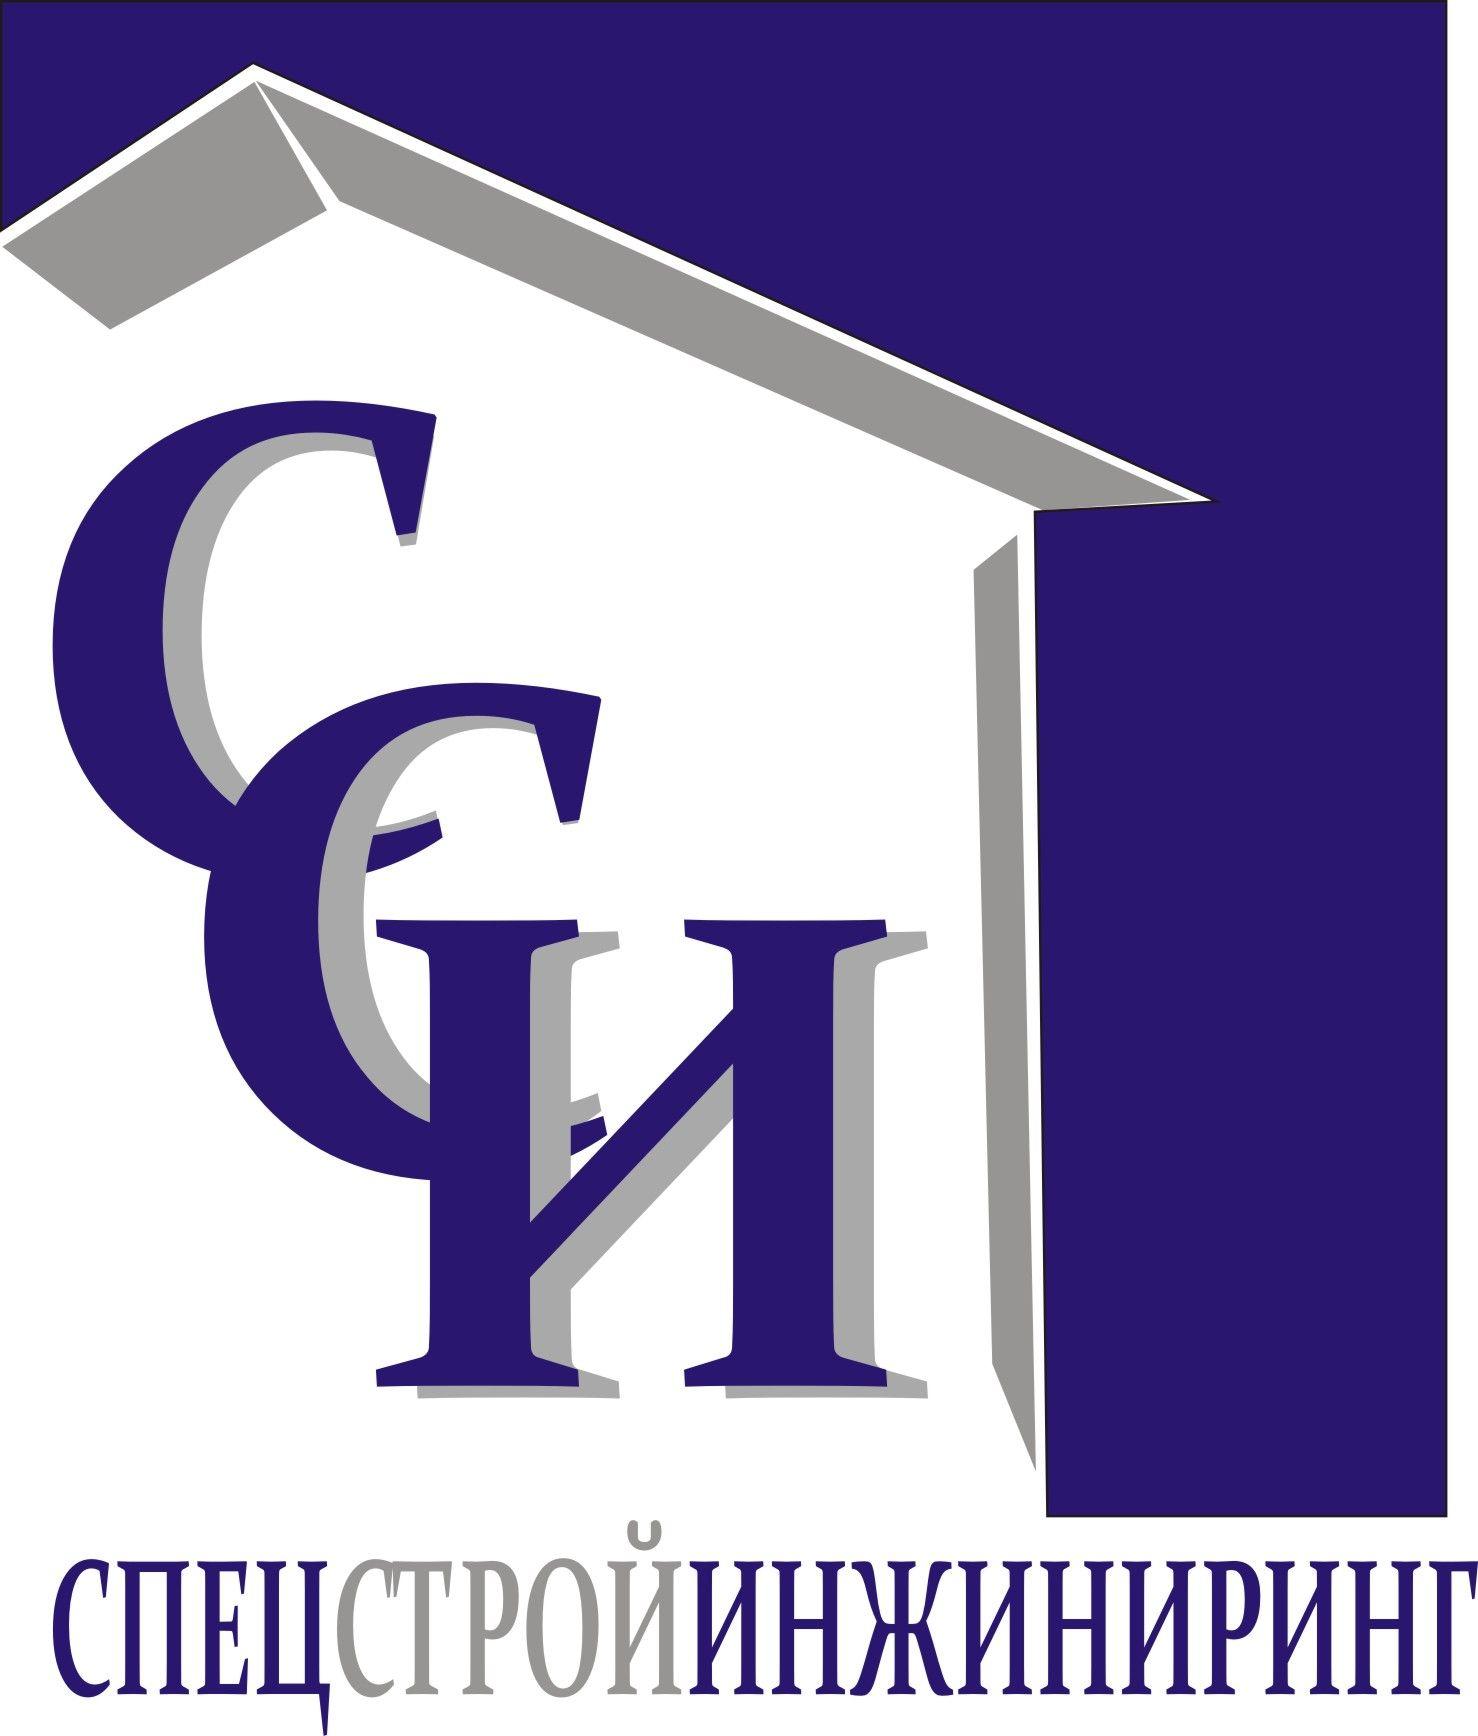 Логотип для строительной компании - дизайнер IVA_Svetlanka